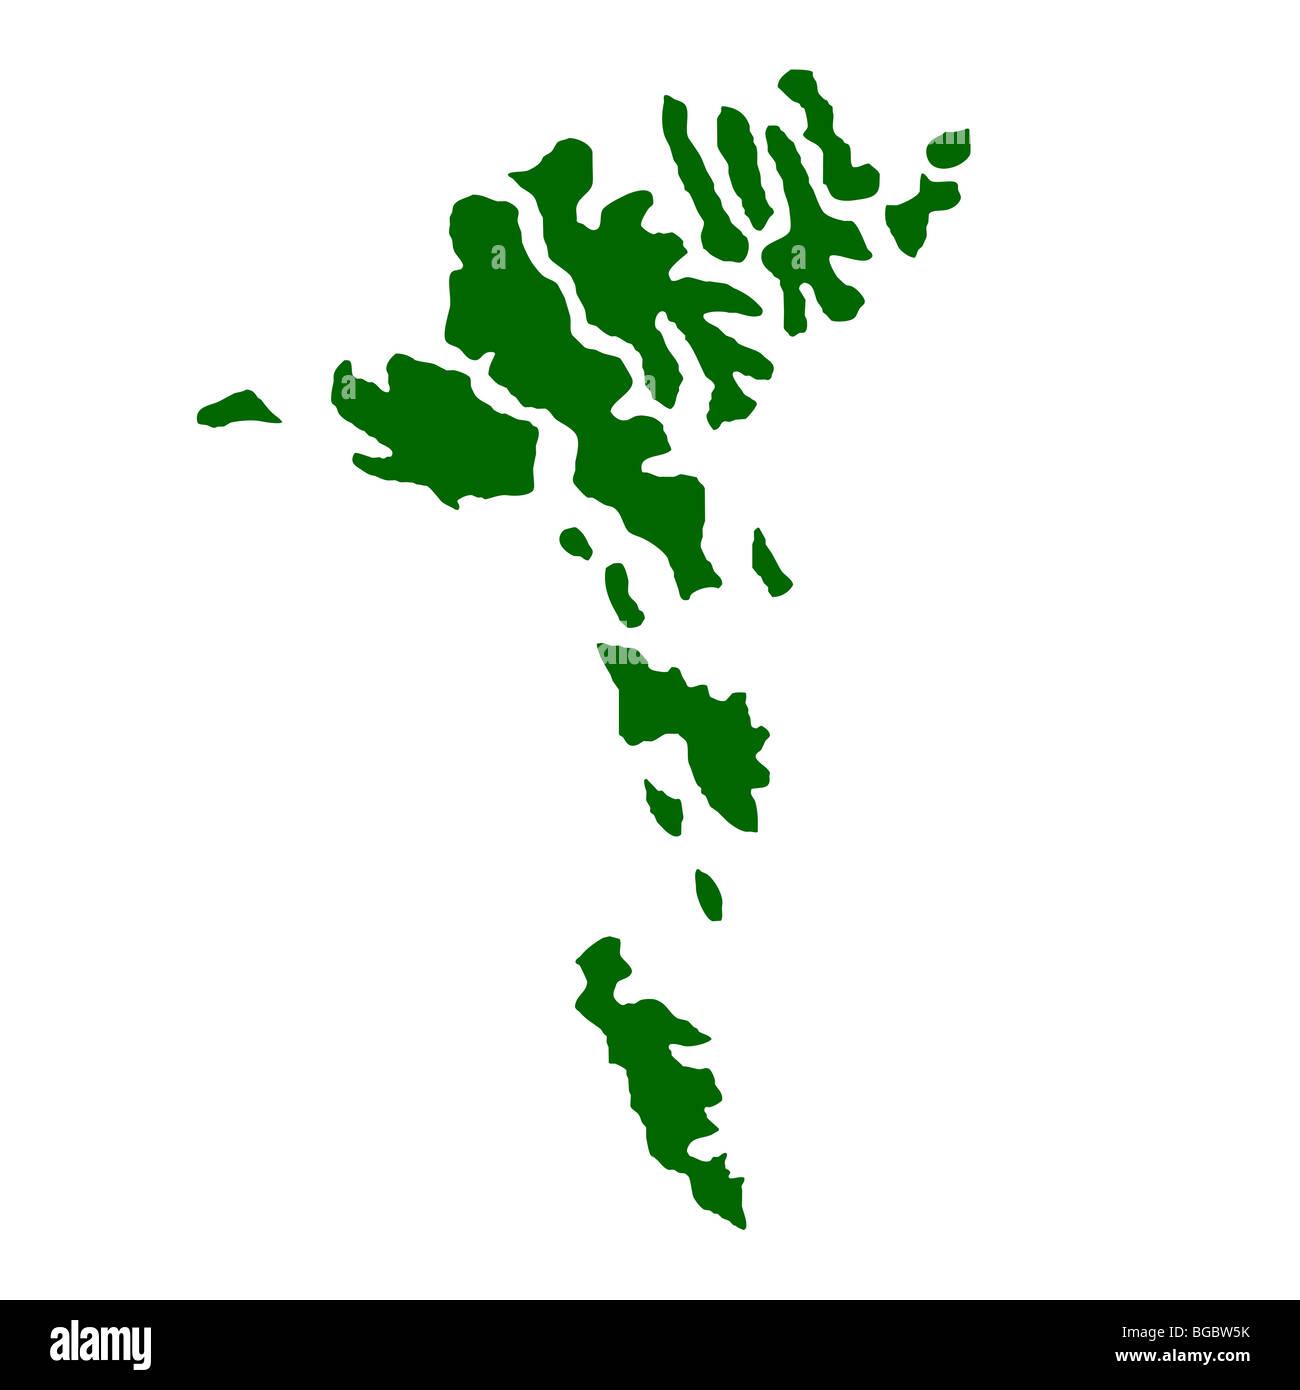 Karte Von Faroer Inseln Isoliert Auf Weissem Hintergrund Stockfoto